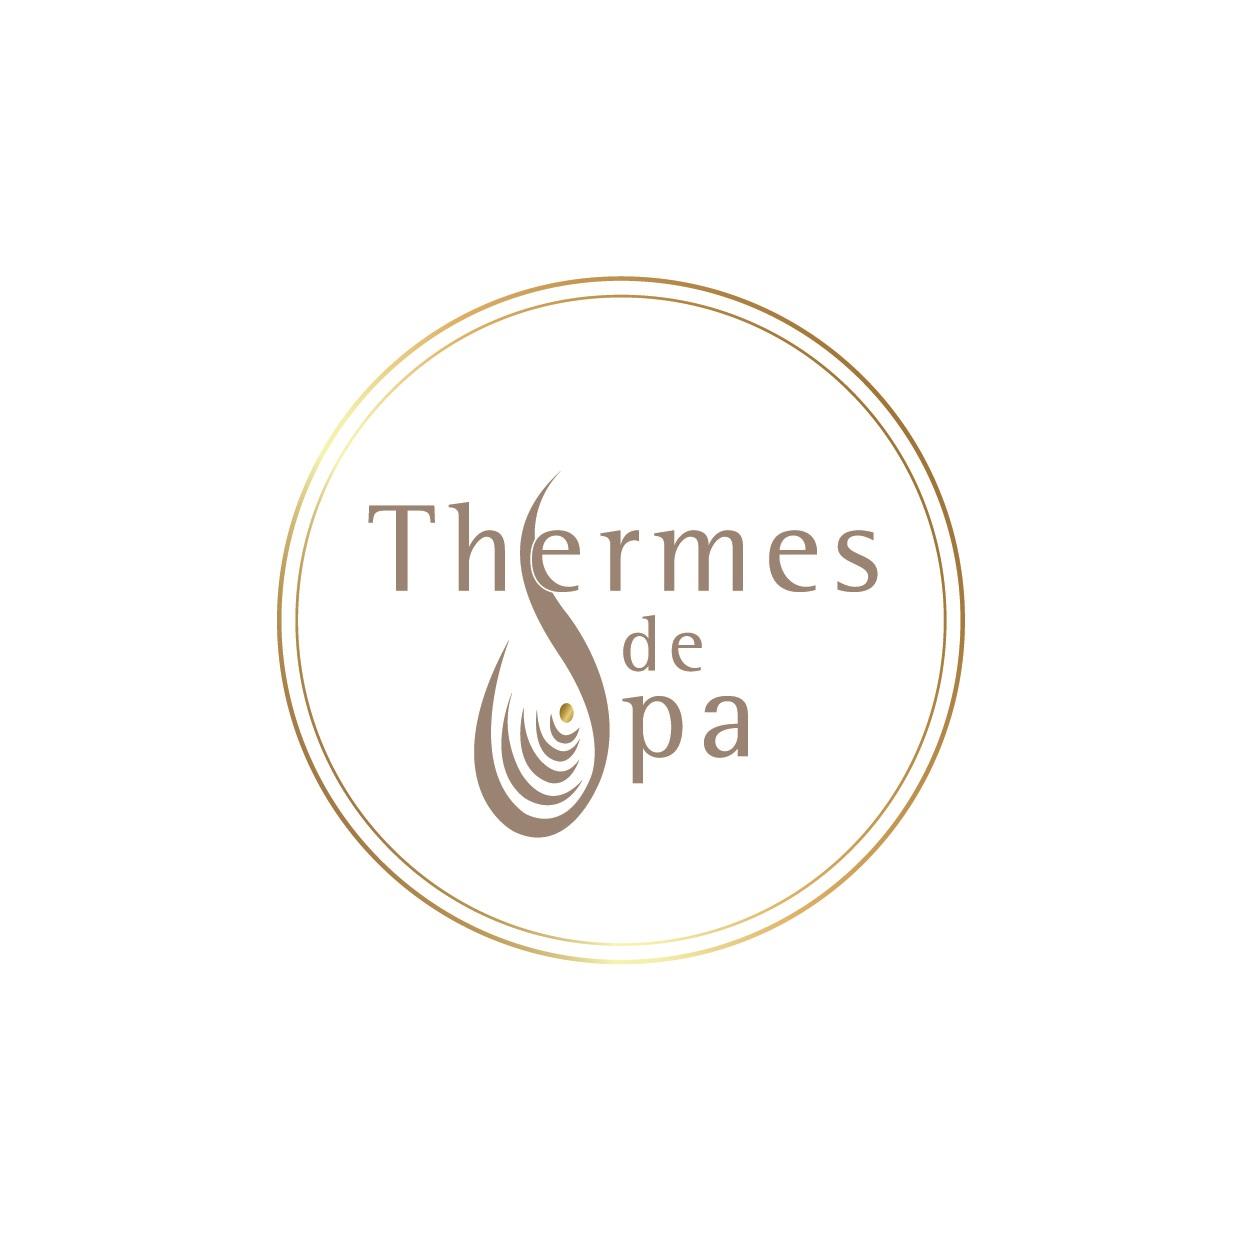 Thermes de Spa